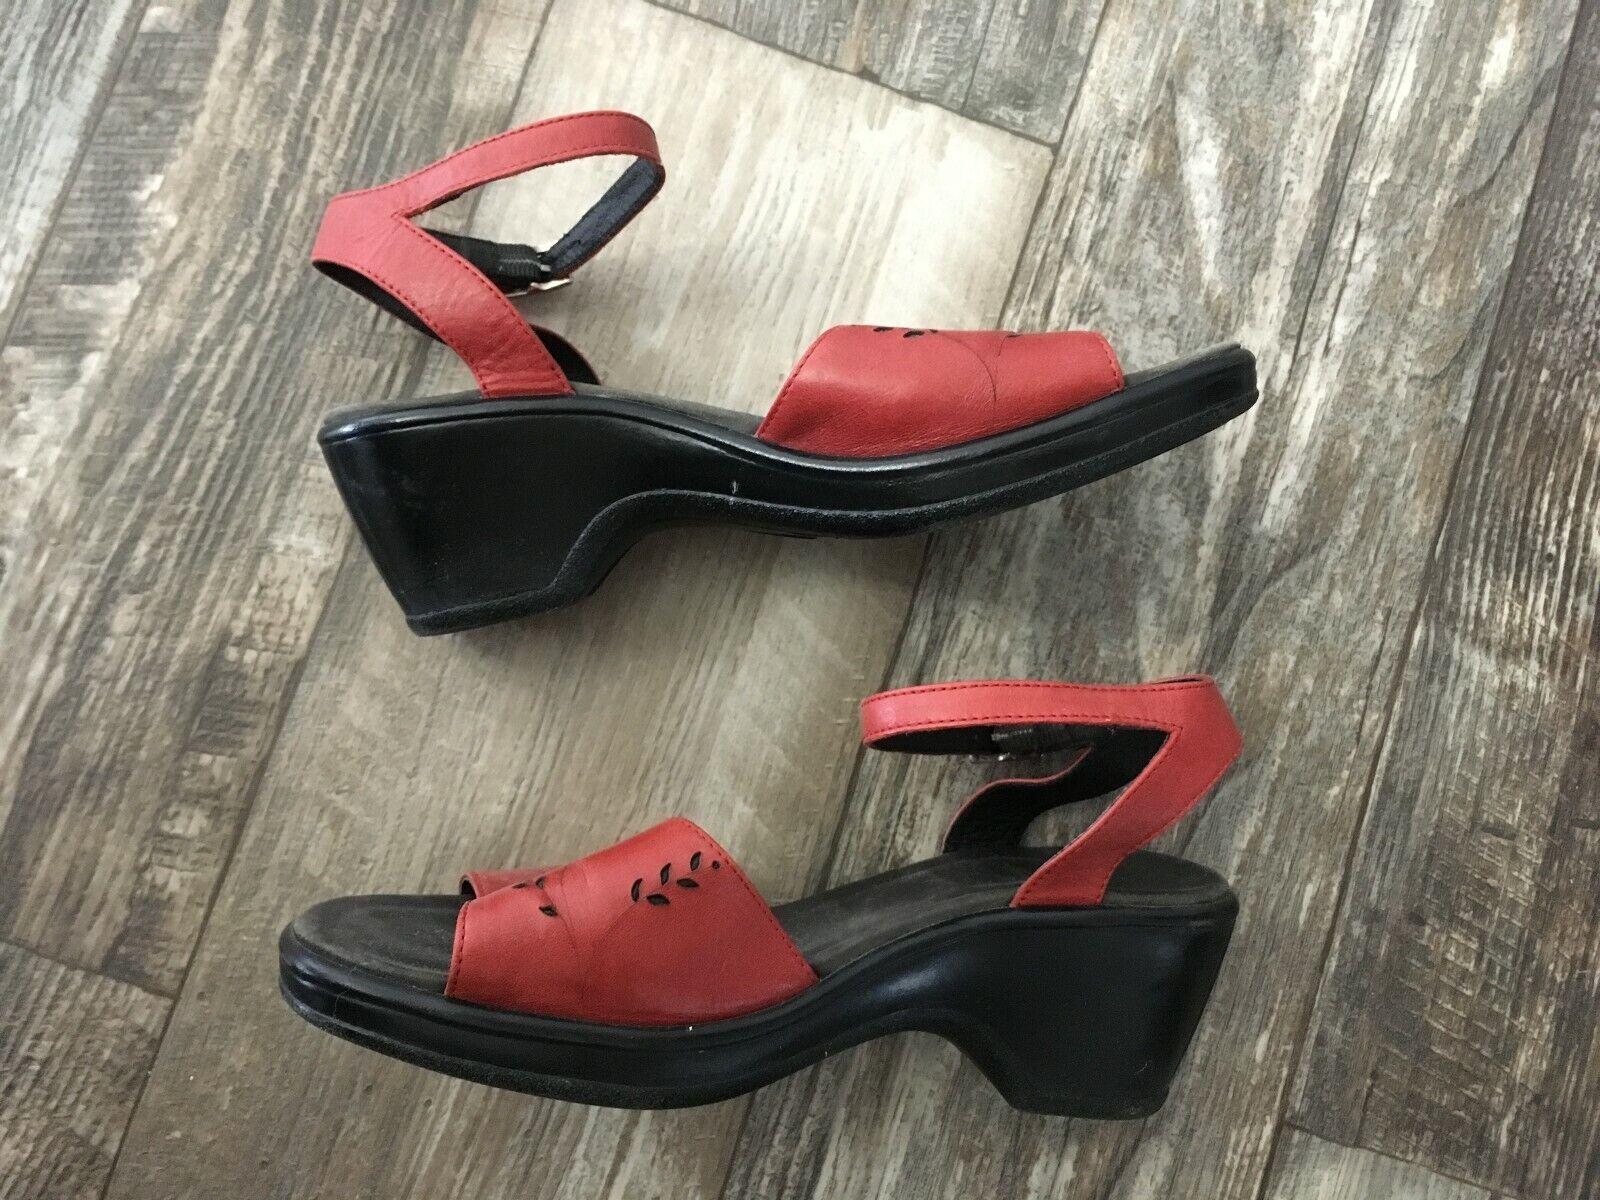 Dansko Red Leather Sandal - 38 - image 4